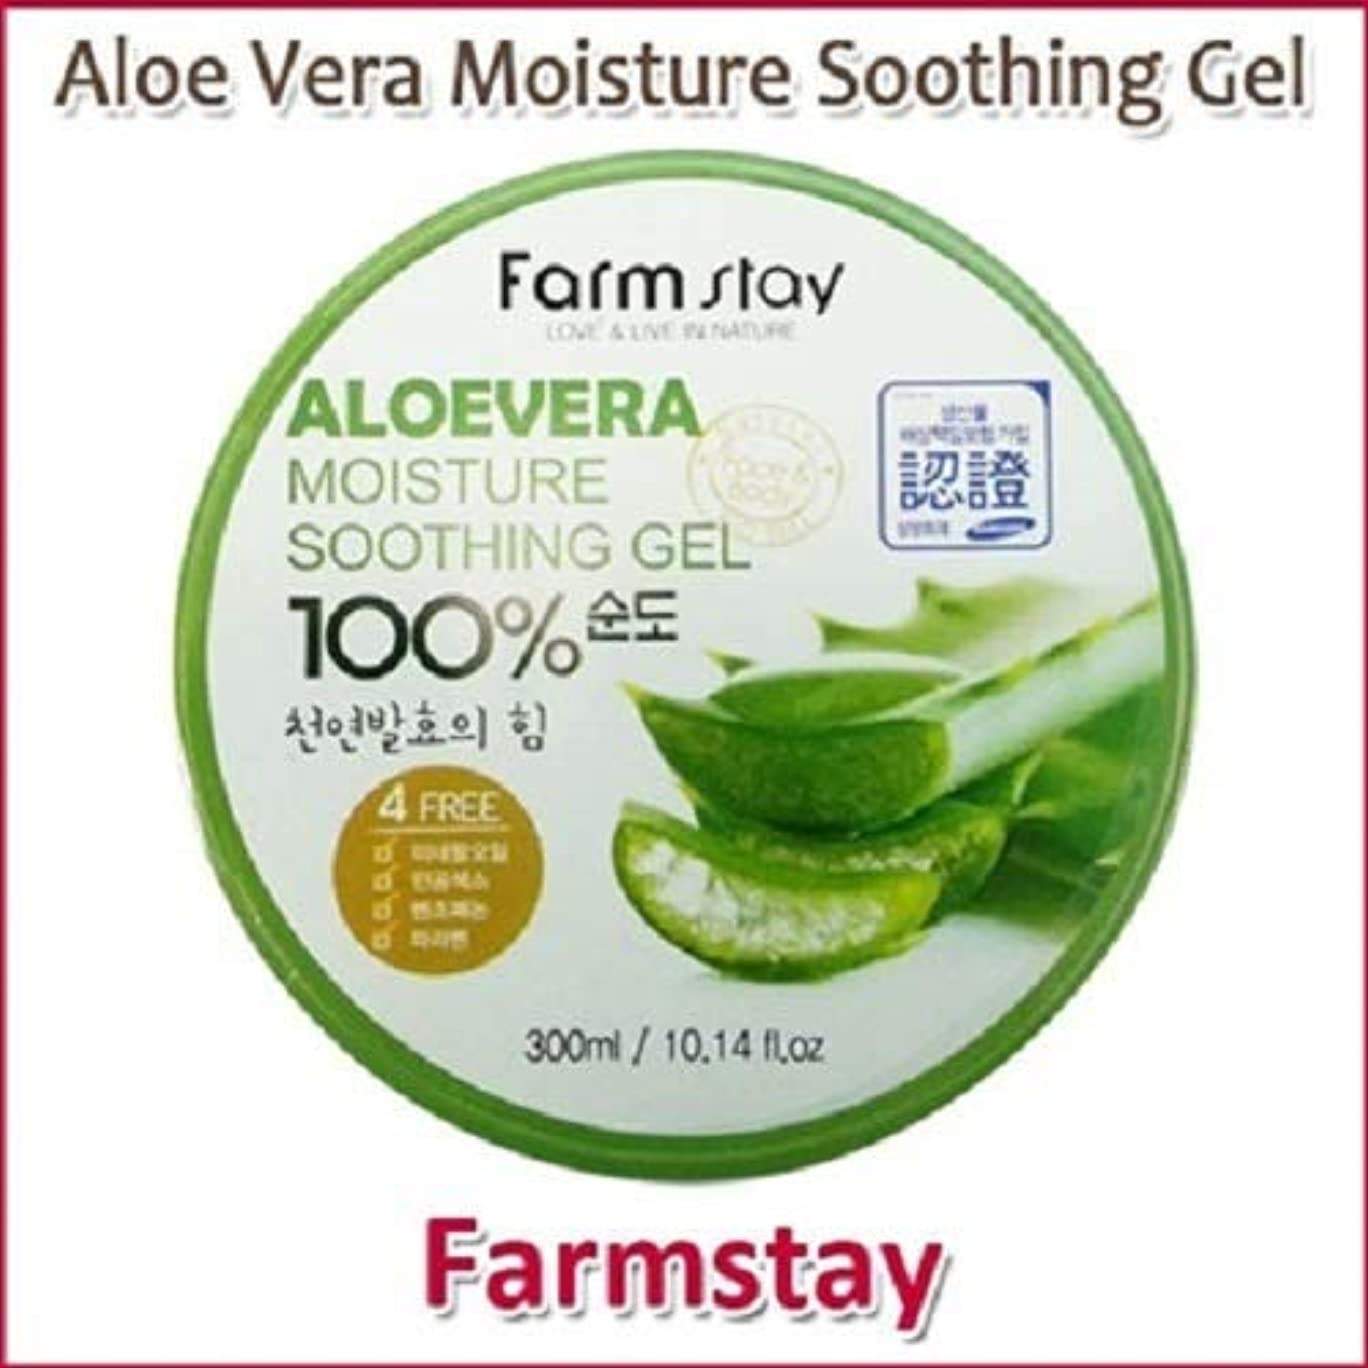 平野減る毎週Farm Stay Aloe Vera Moisture Soothing Gel 300ml /オーガニック アロエベラゲル 100%/保湿ケア/韓国コスメ/Aloe Vera 100% /Moisturizing [...